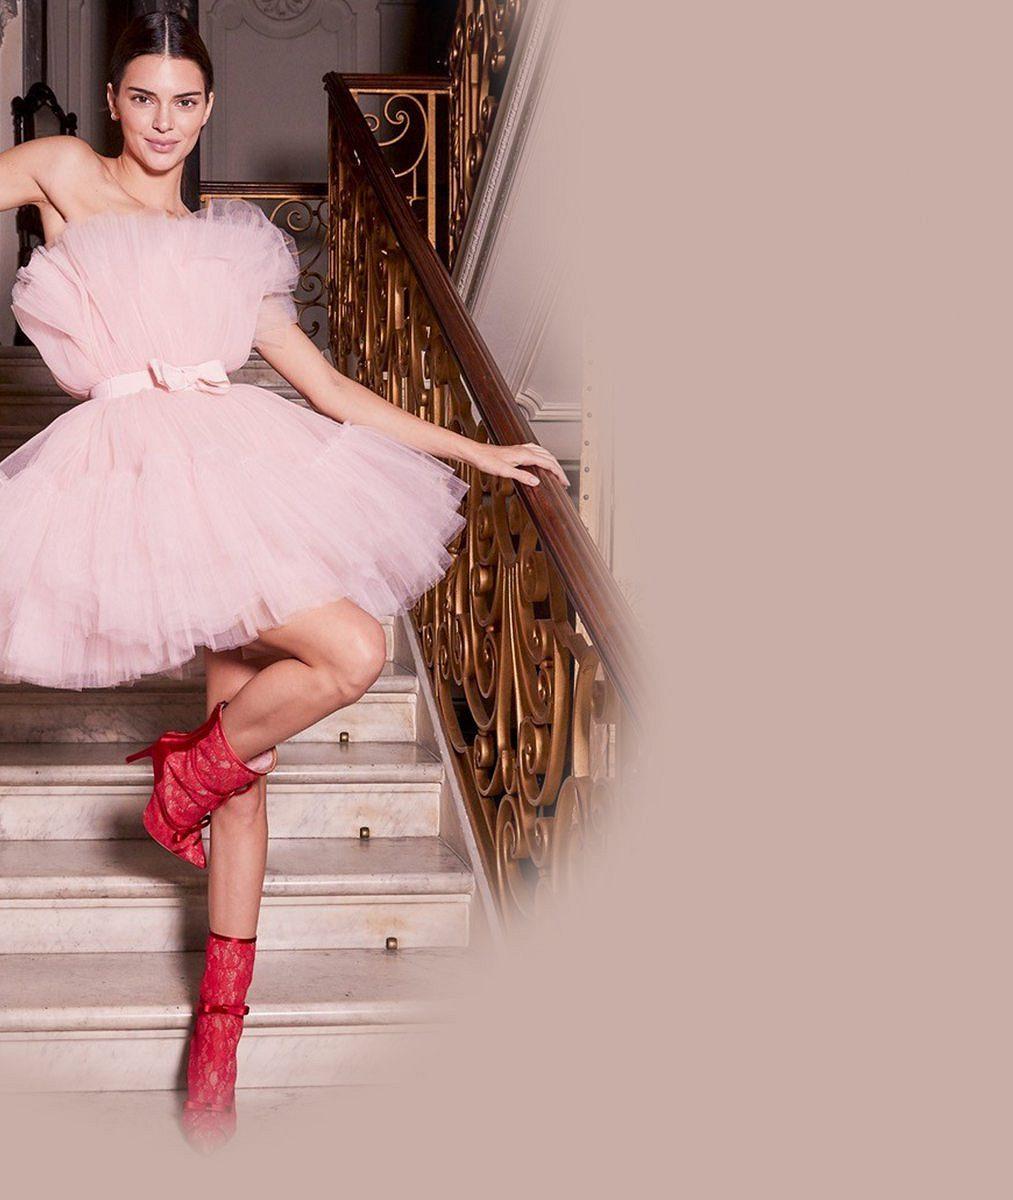 Jako divoká šelma: Kendall Jenner zapózovala ve svůdném prádélku